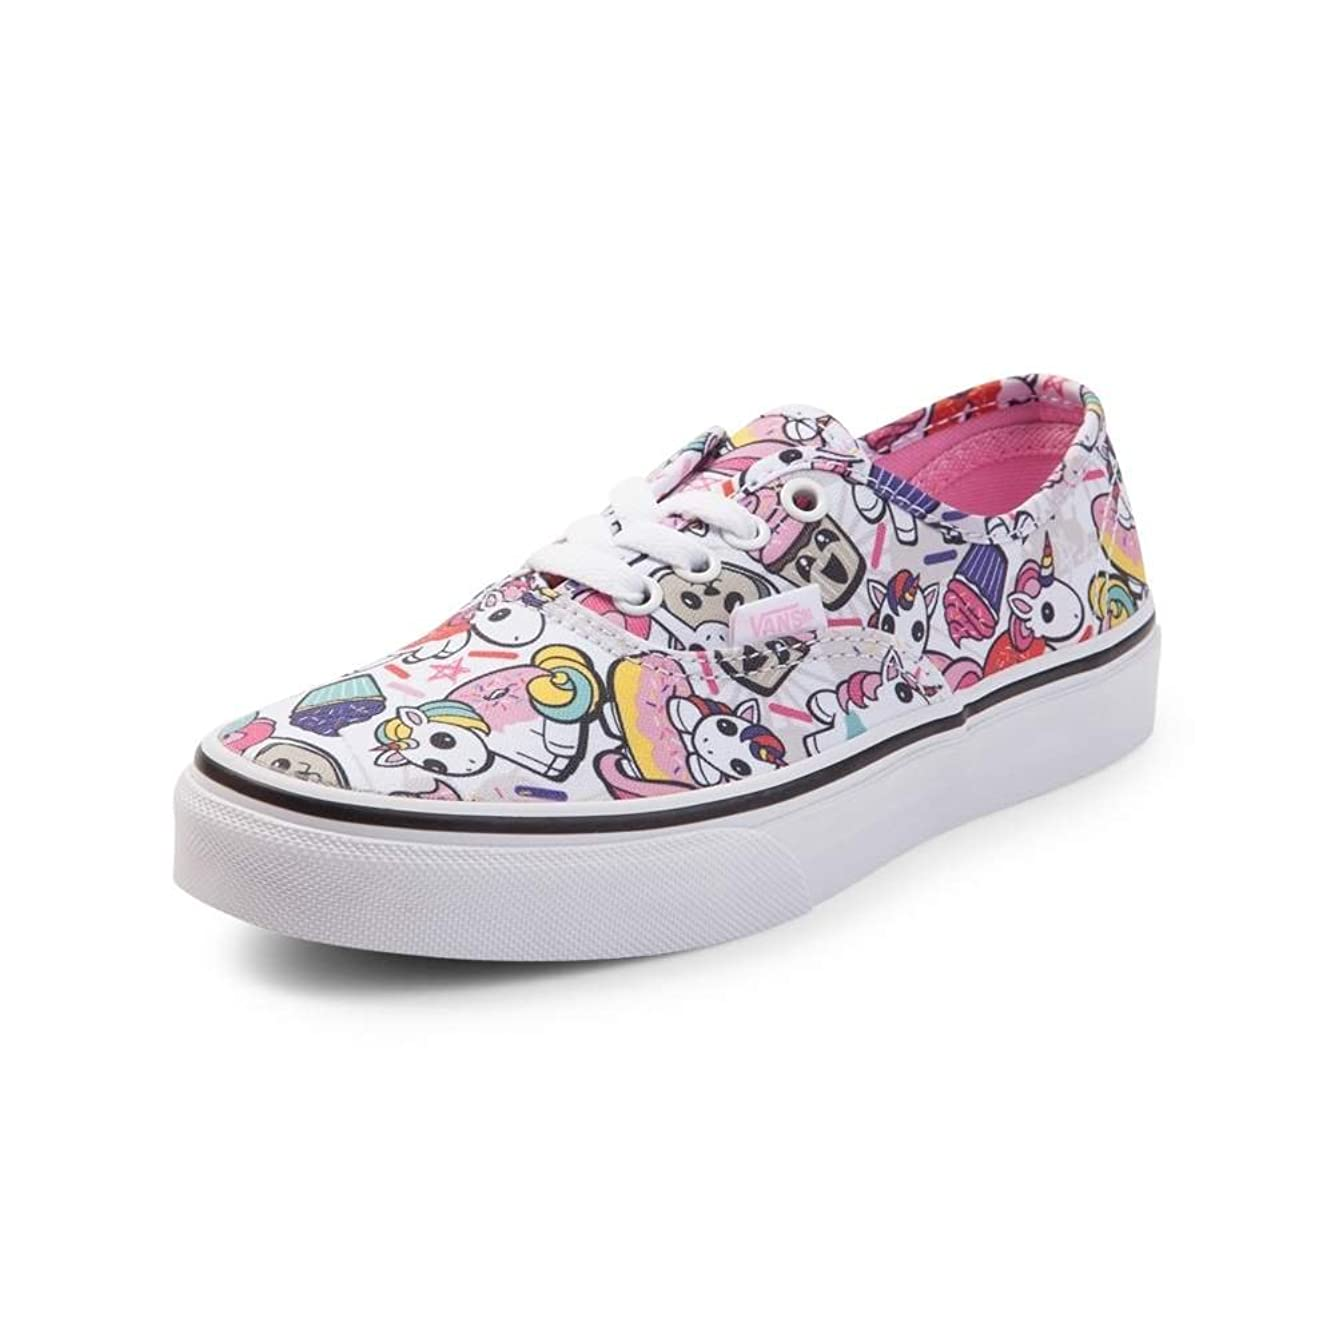 ベルトクライアント未知の(バンズ) VANS 靴?シューズ スニーカー Youth Vans Authentic Donut Unicorn Skate Shoe Multi マルチ US 2.5 (20.5cm)